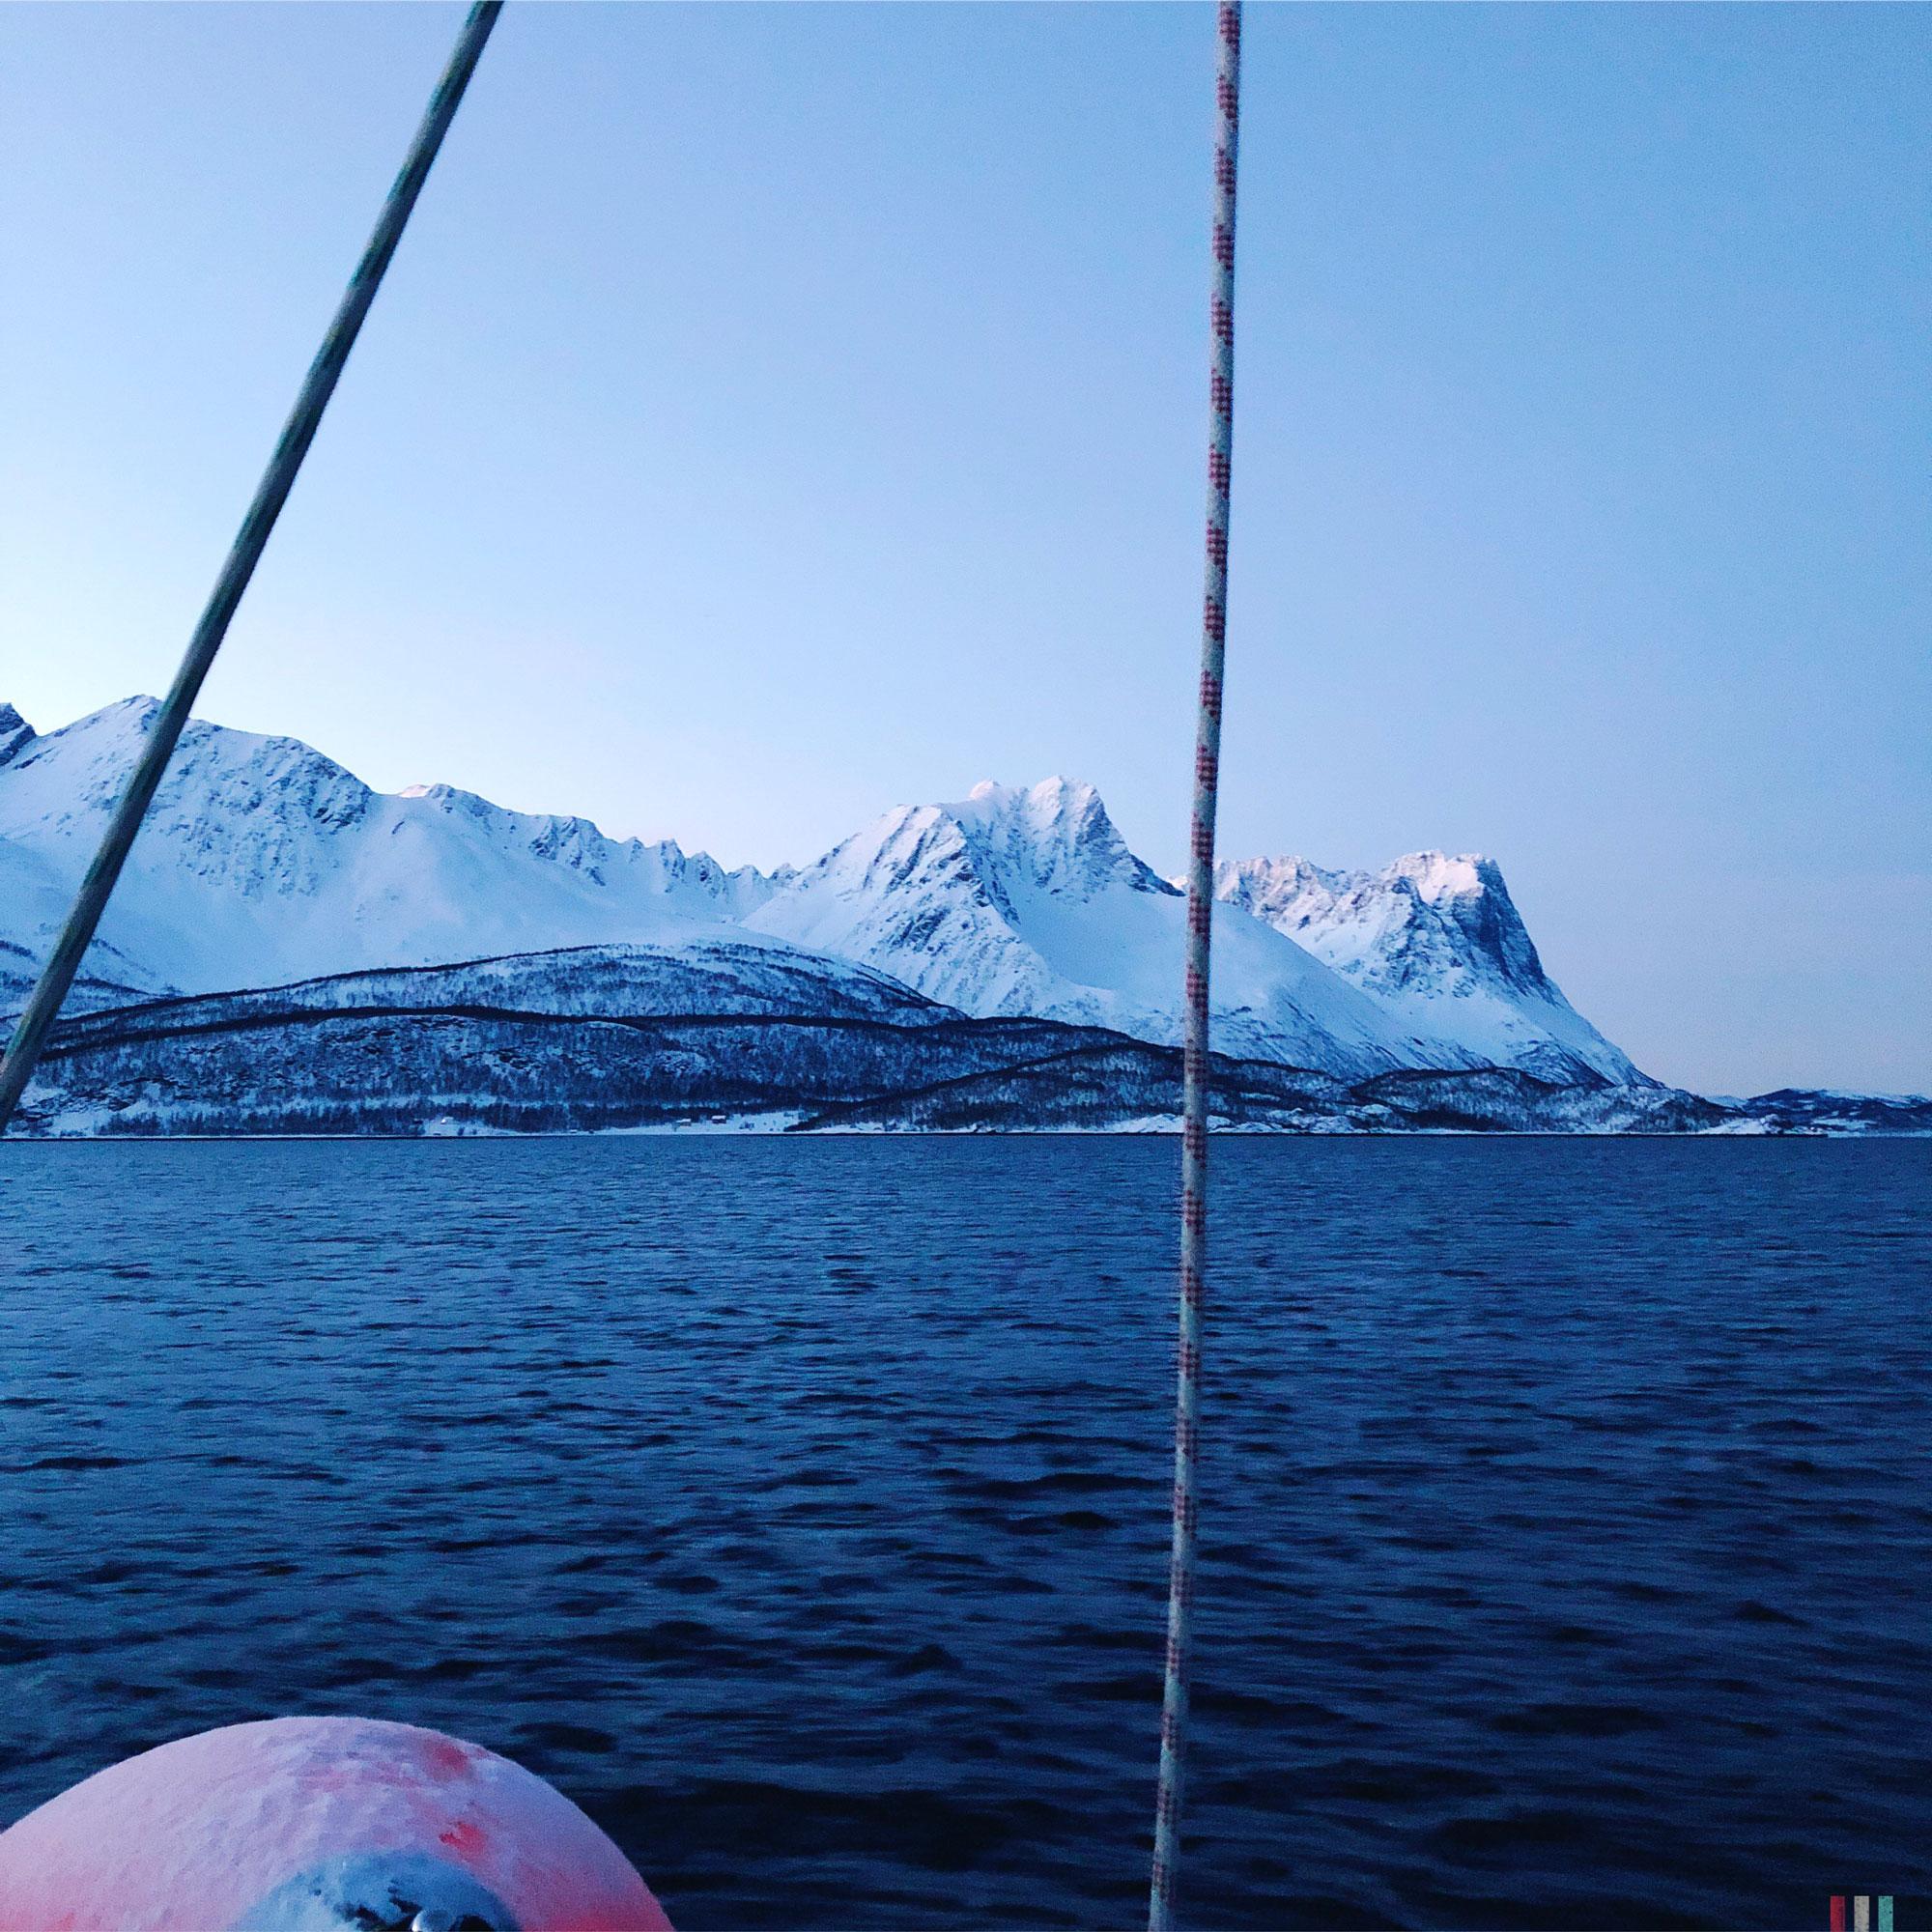 norwegen-tromso-segeltour-kvaunangen-mit-seil.jpg